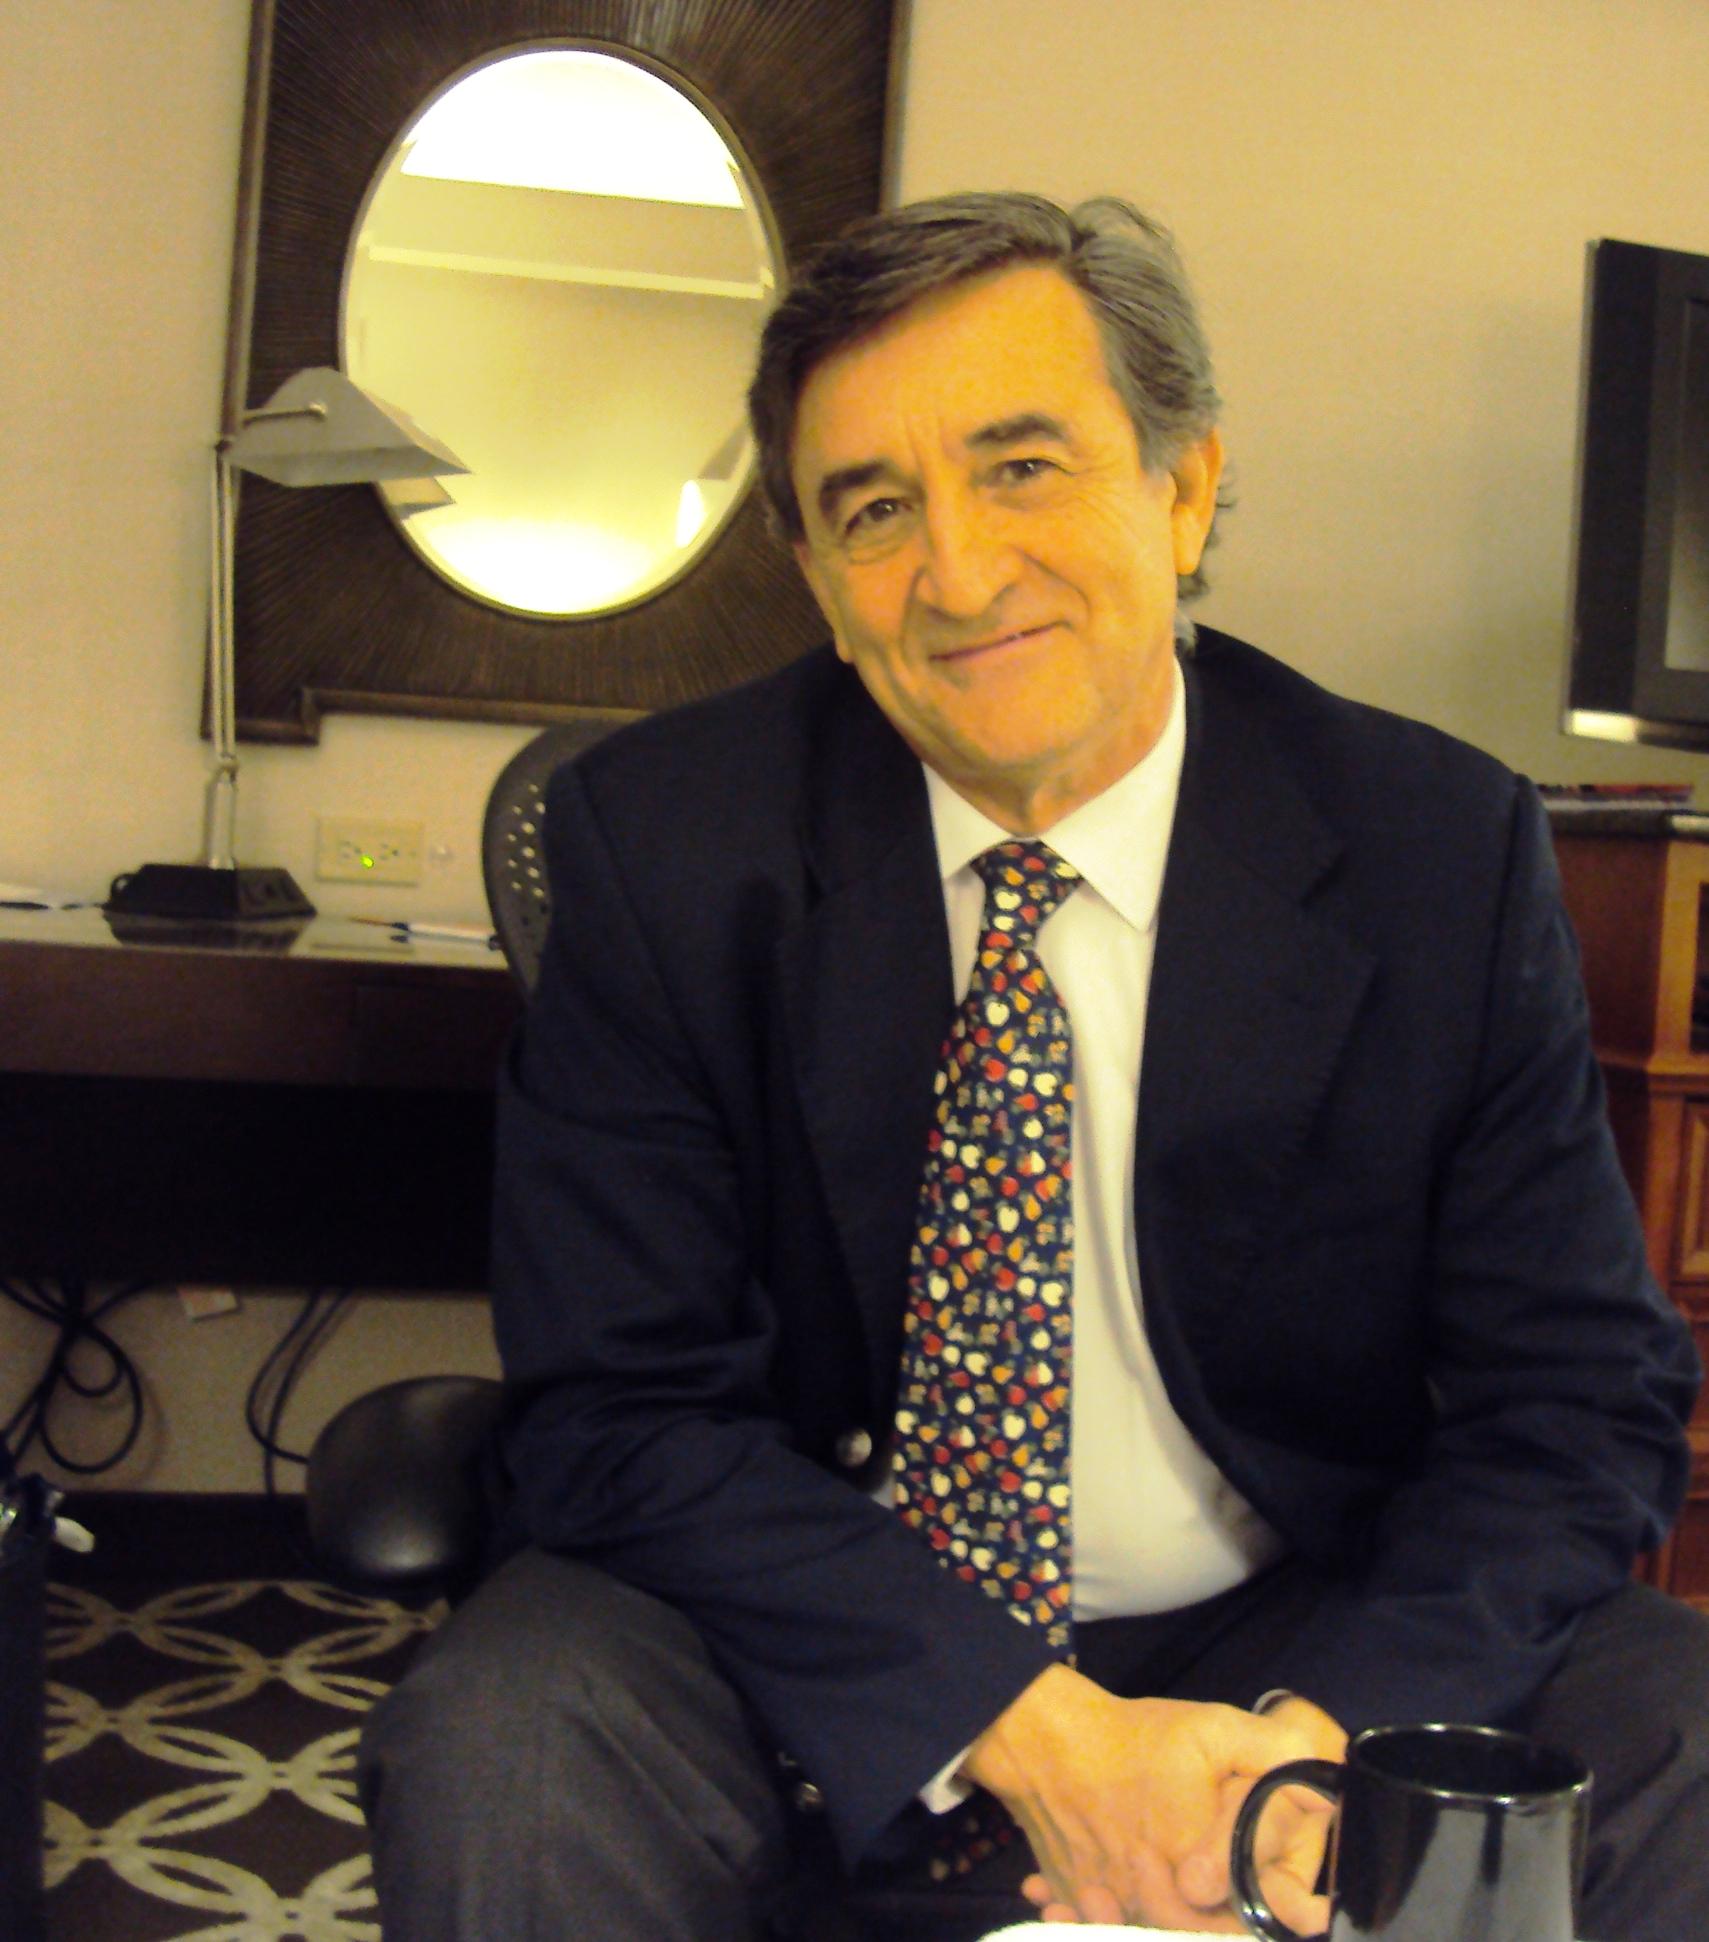 Mr. Alejandro M. Garro